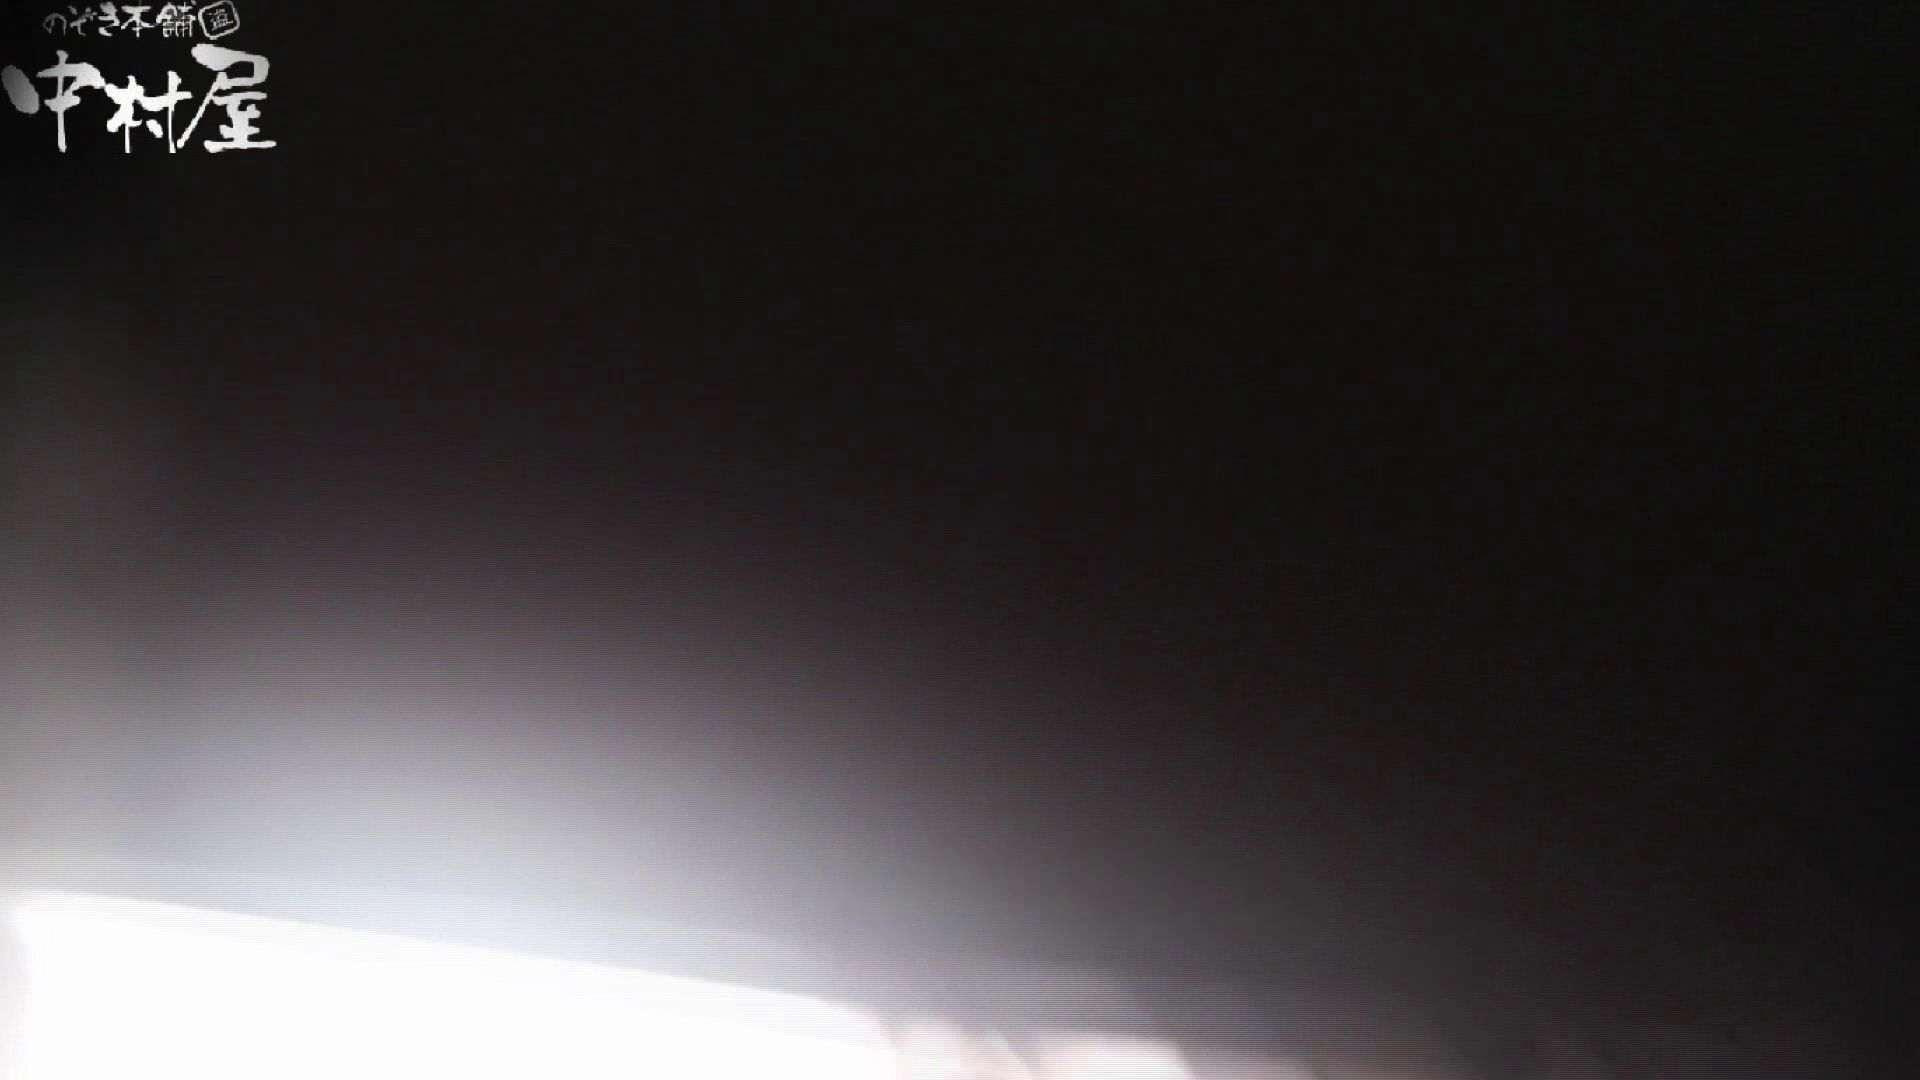 世界の射窓から vol.43 ソーニュー 後編 洗面所 | HなOL  62pic 32